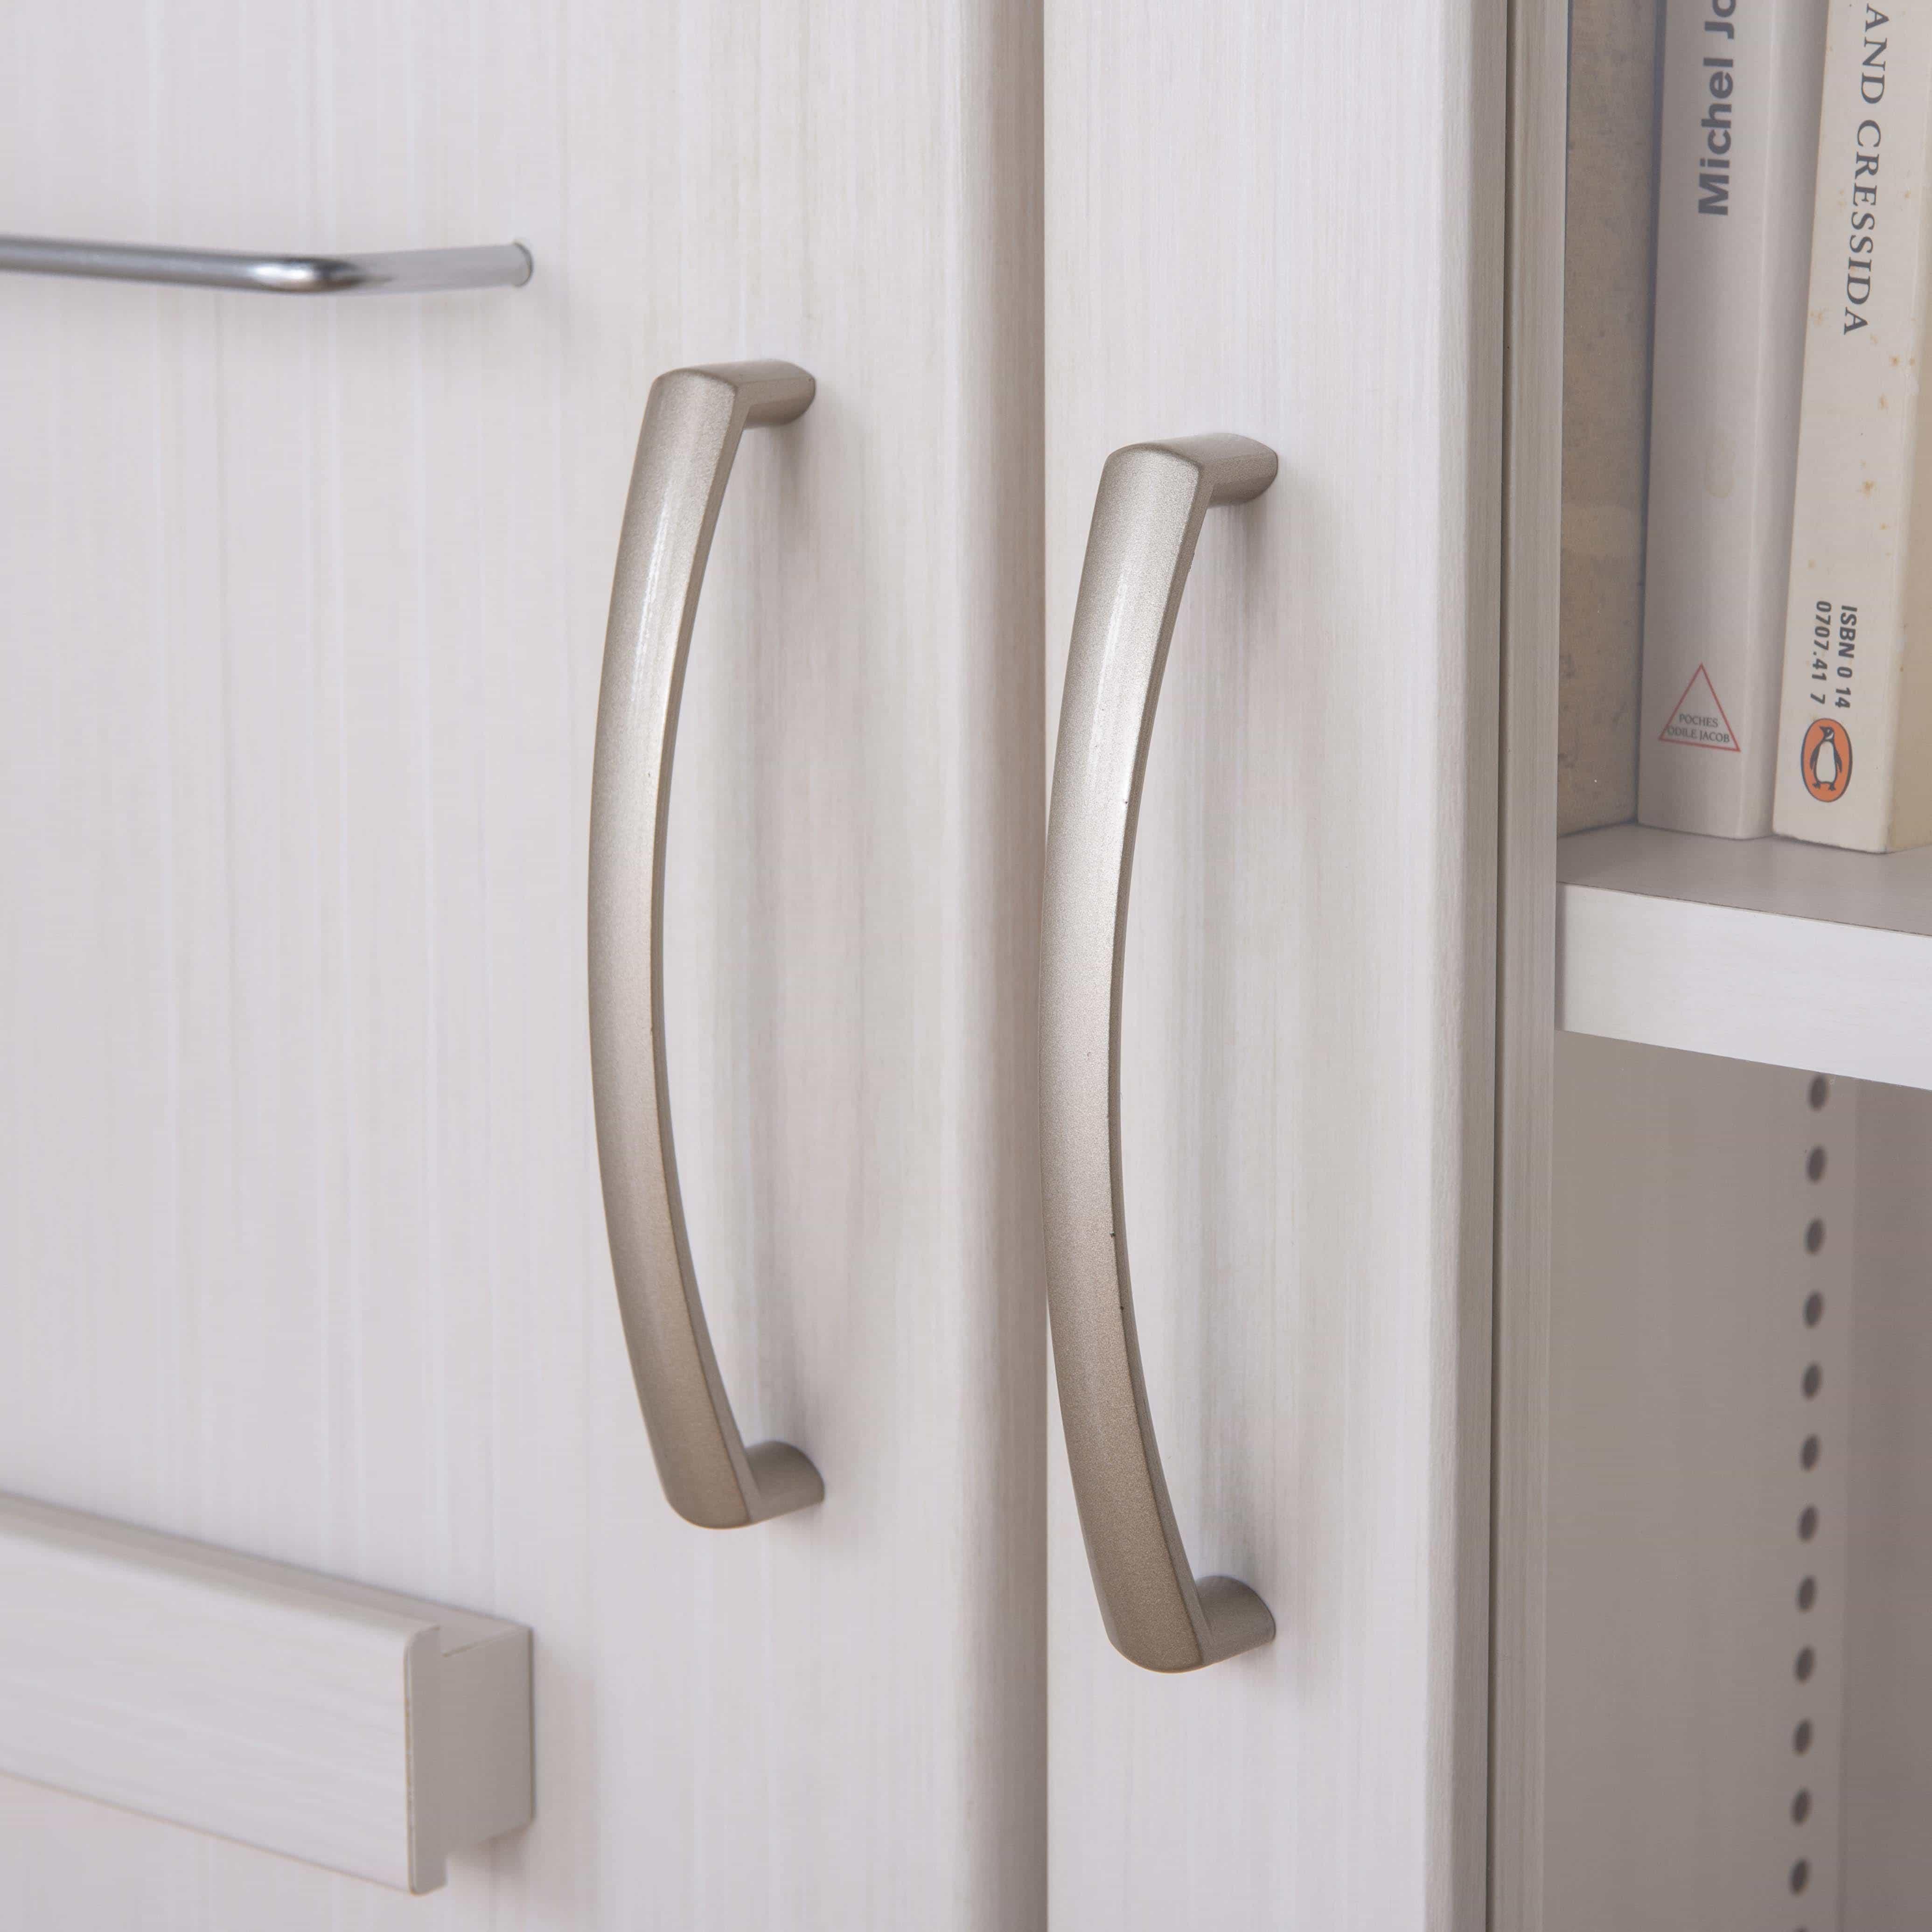 スライド書棚 プラス80H WH木目:開閉もラクラク